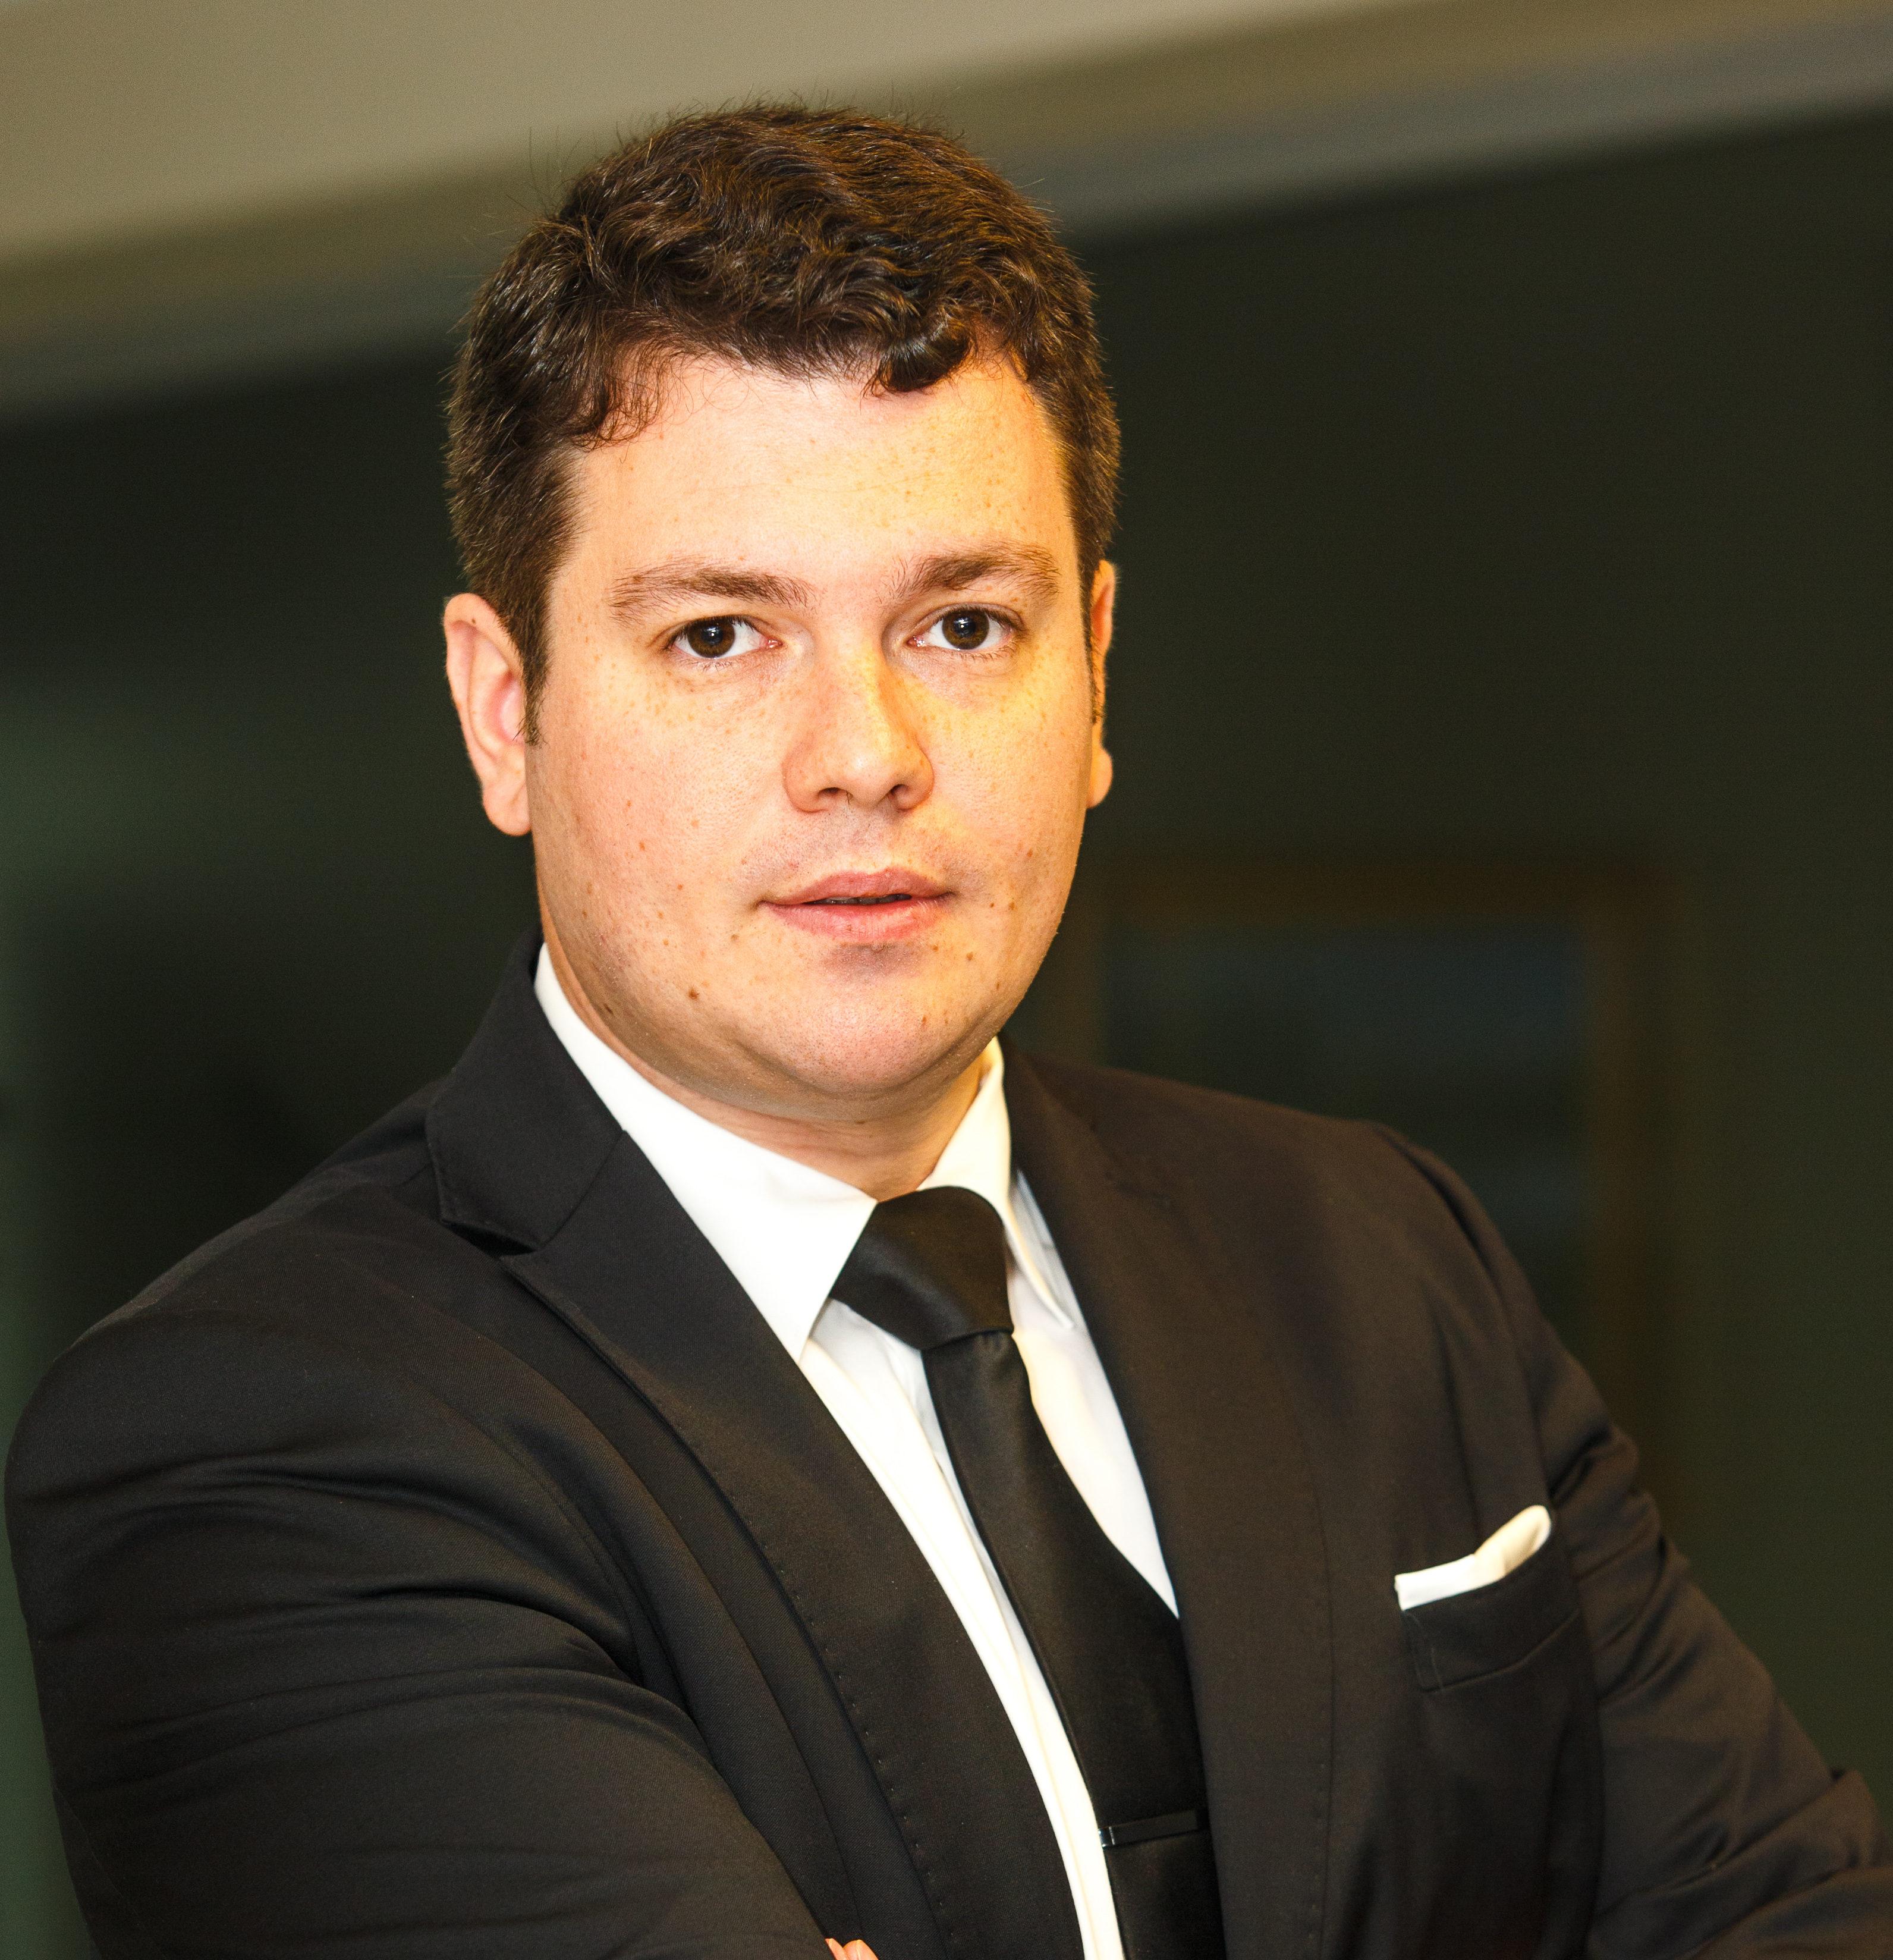 Cosmin Ghiţă a fost numit director general al Nuclearelectrica SA